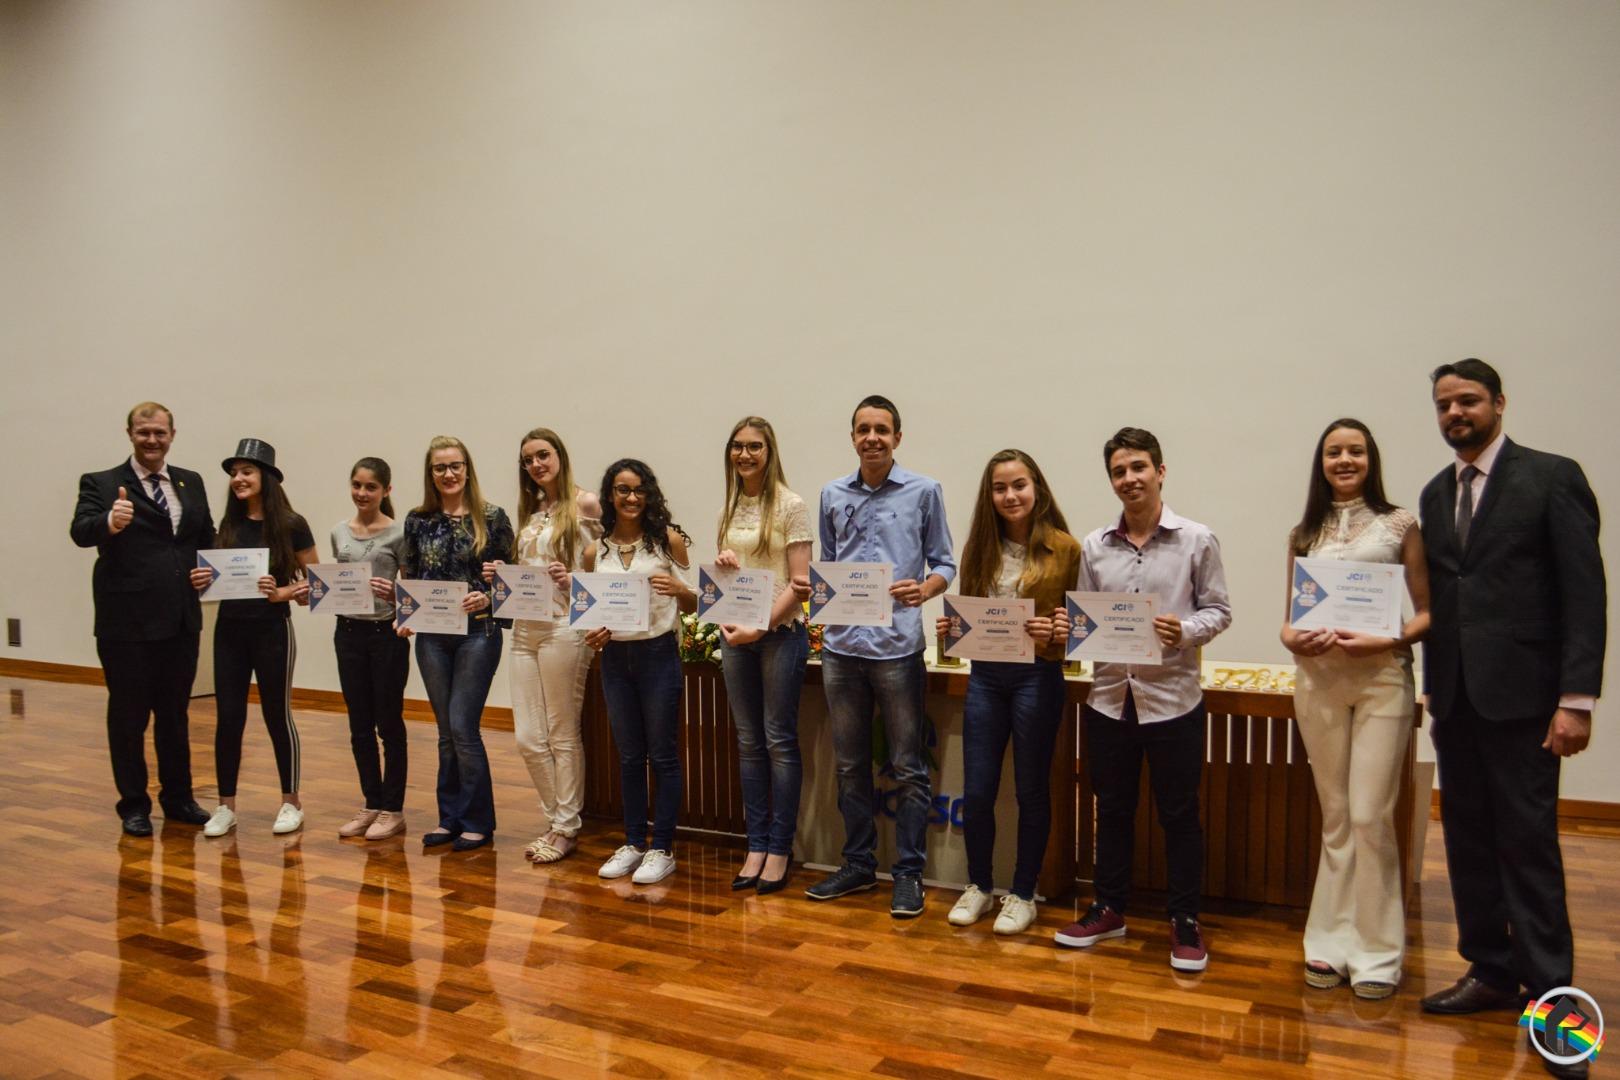 FOTOS: Concurso de Oratória nas Escolas da JCI recebe um bom público